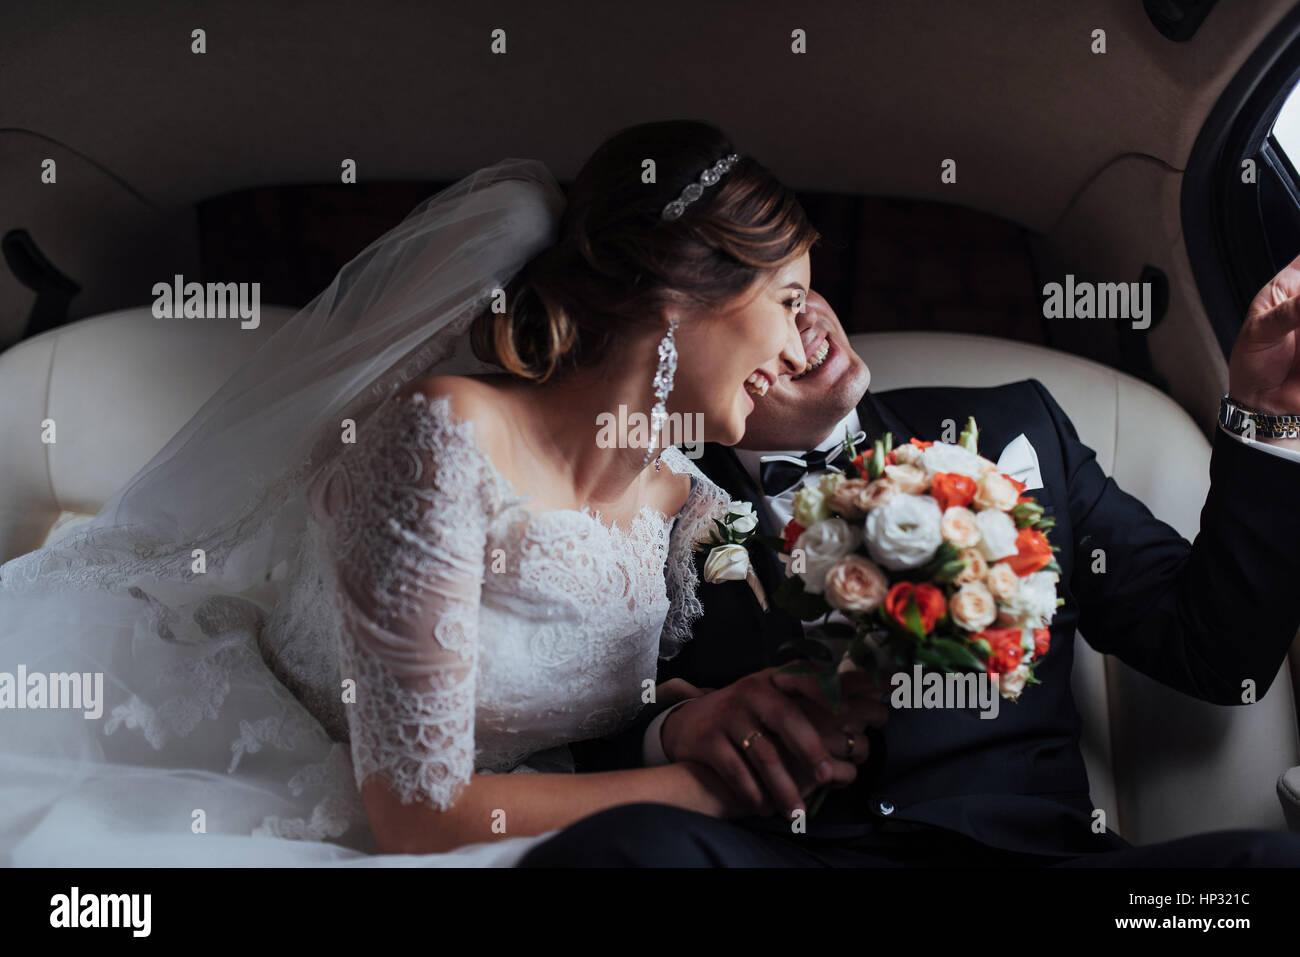 Coppia giovane in un auto nel giorno del matrimonio. Immagini Stock